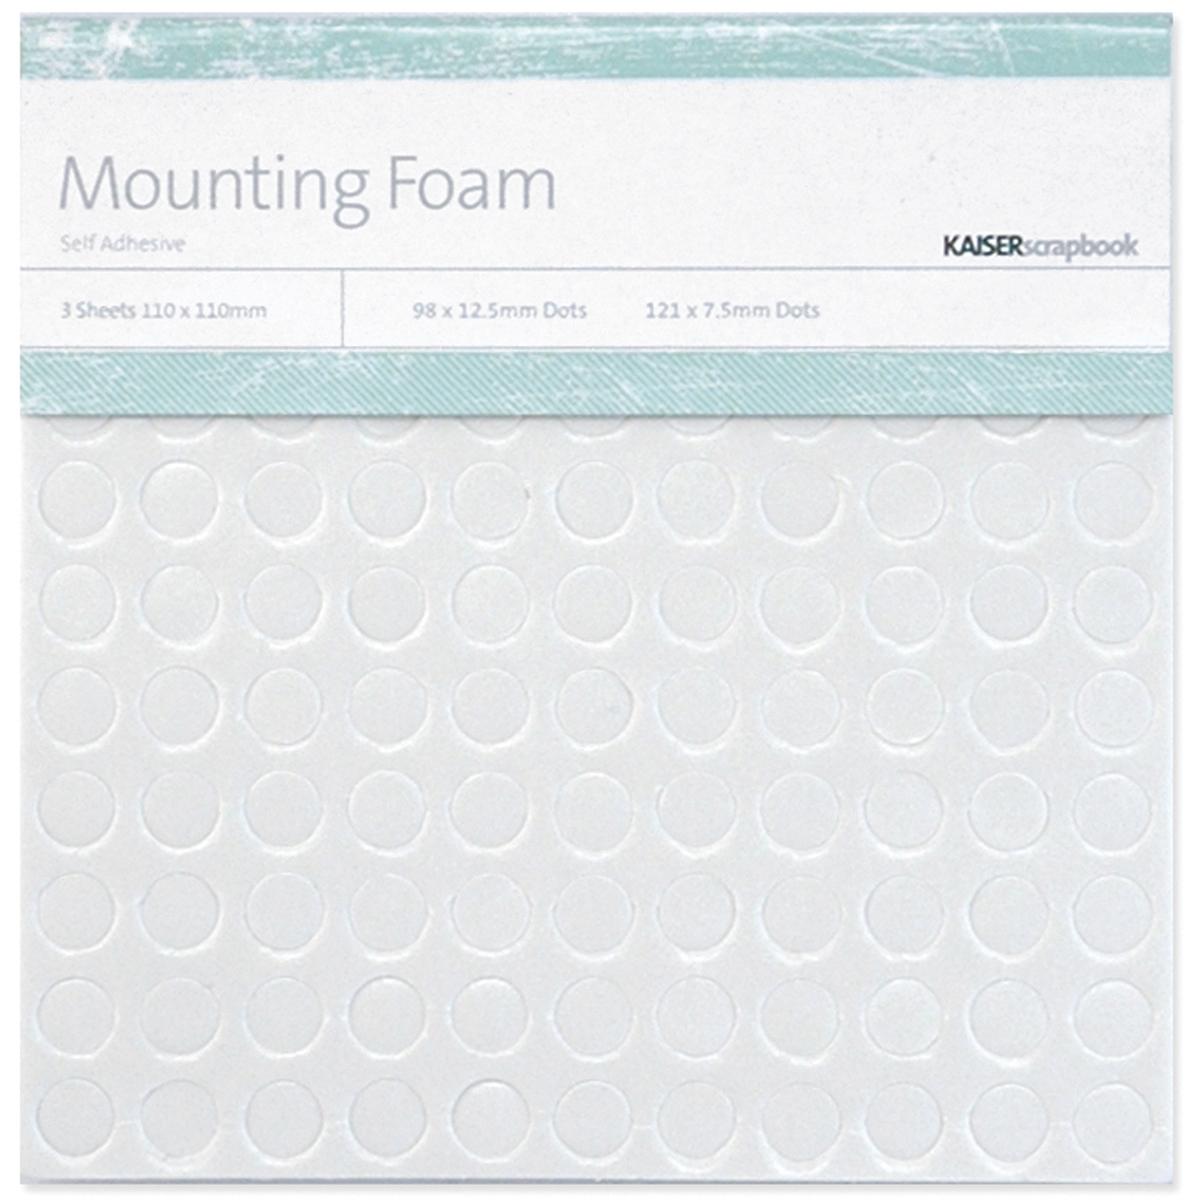 Kaiser Mounting Circle Foam